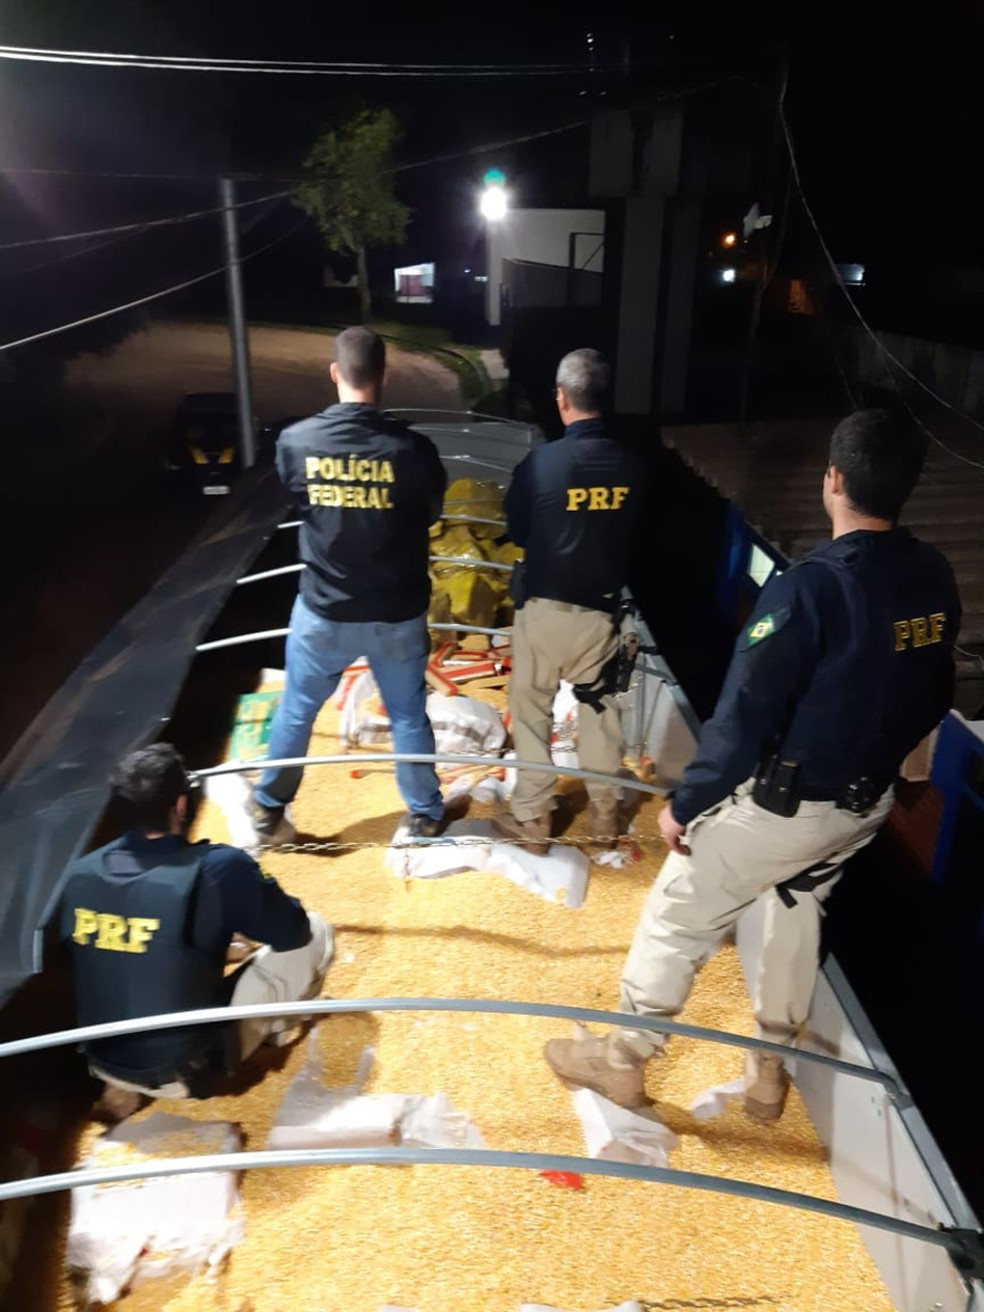 Carregamento de 28 toneladas de maconha estava escondido em meio a carga de milho em grão  Foto: PRF/Divulgação